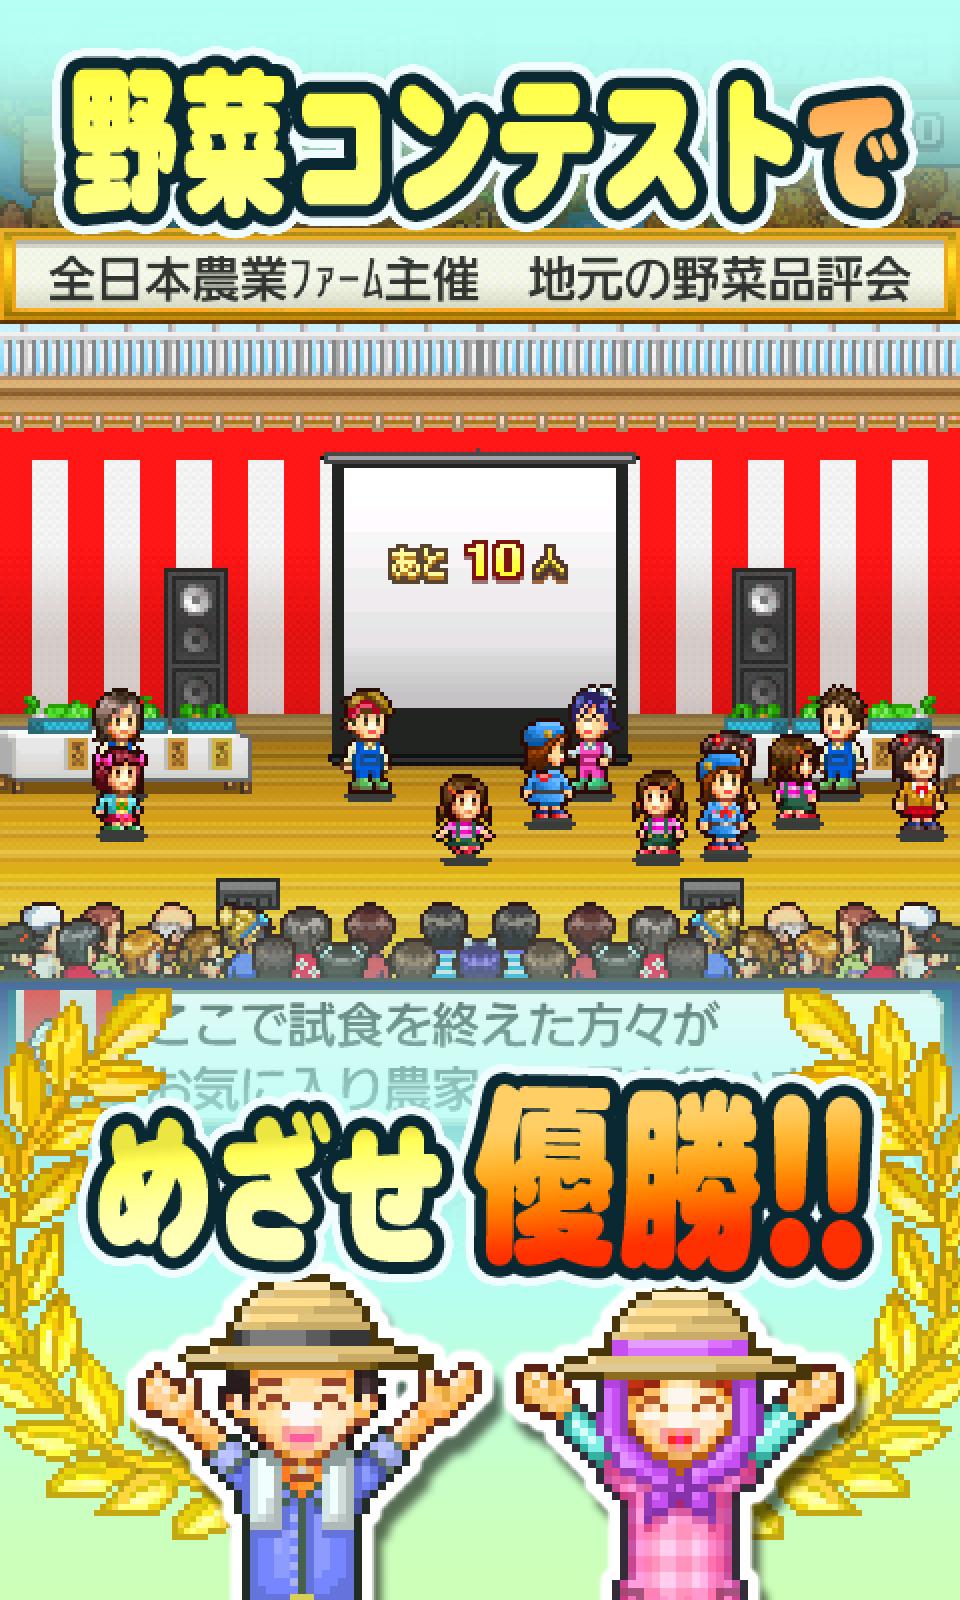 大空ヘクタール農園 screenshot #20